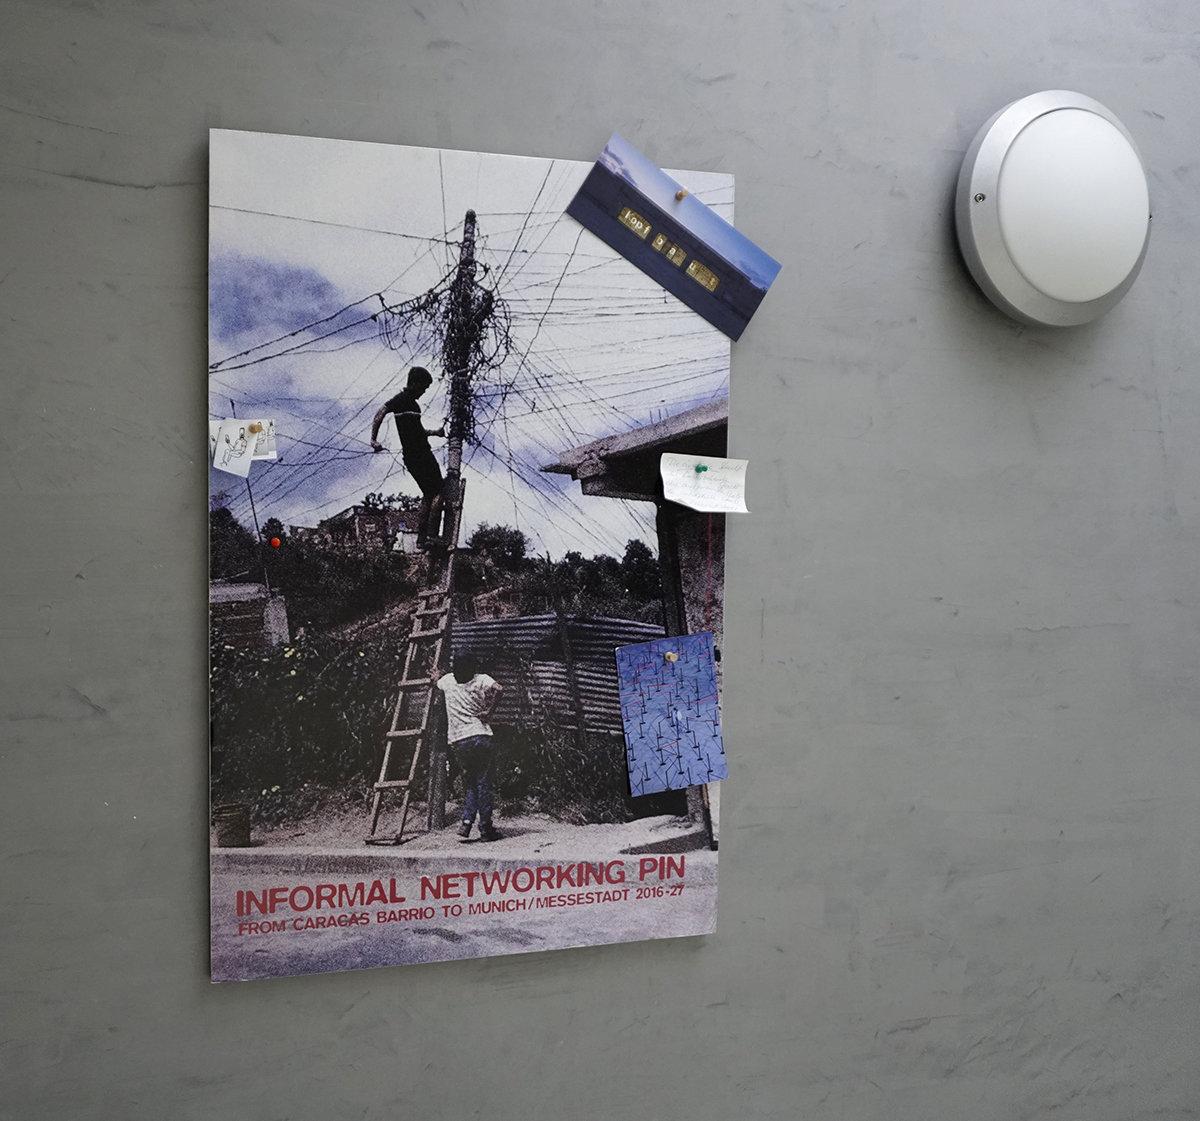 Informal Pin an der Wand